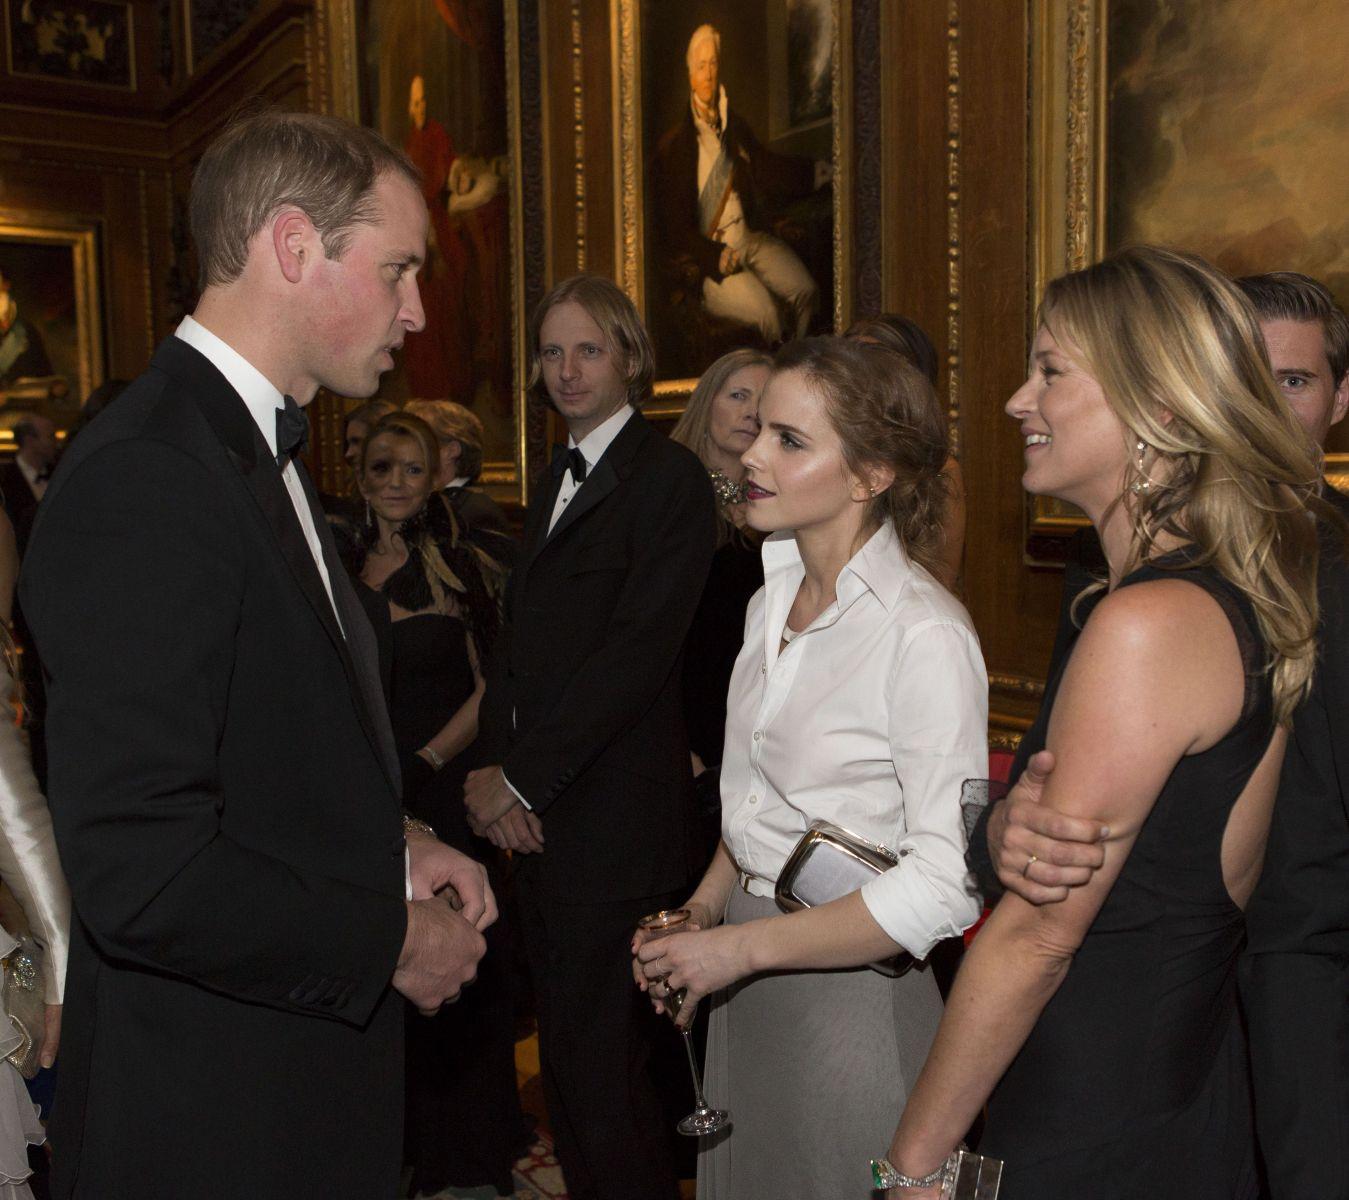 СМИ: Эмма Уотсон стала новой фавориткой принца Гарри?